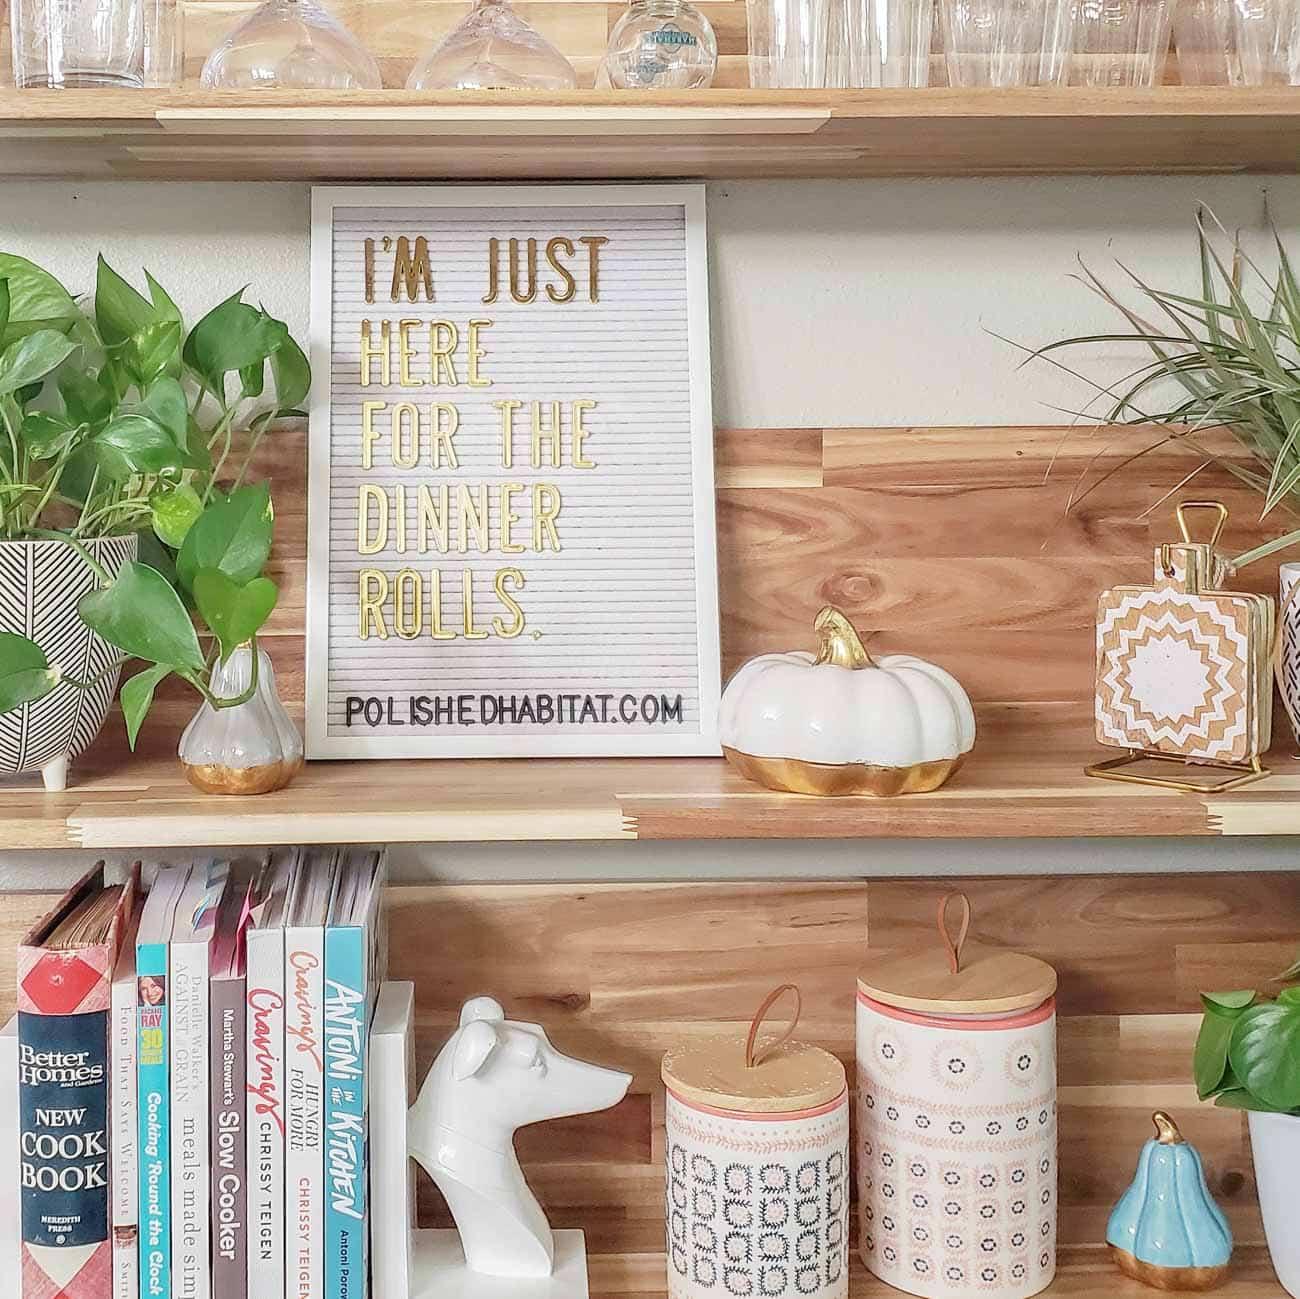 White Letter Board on Wood Shelves